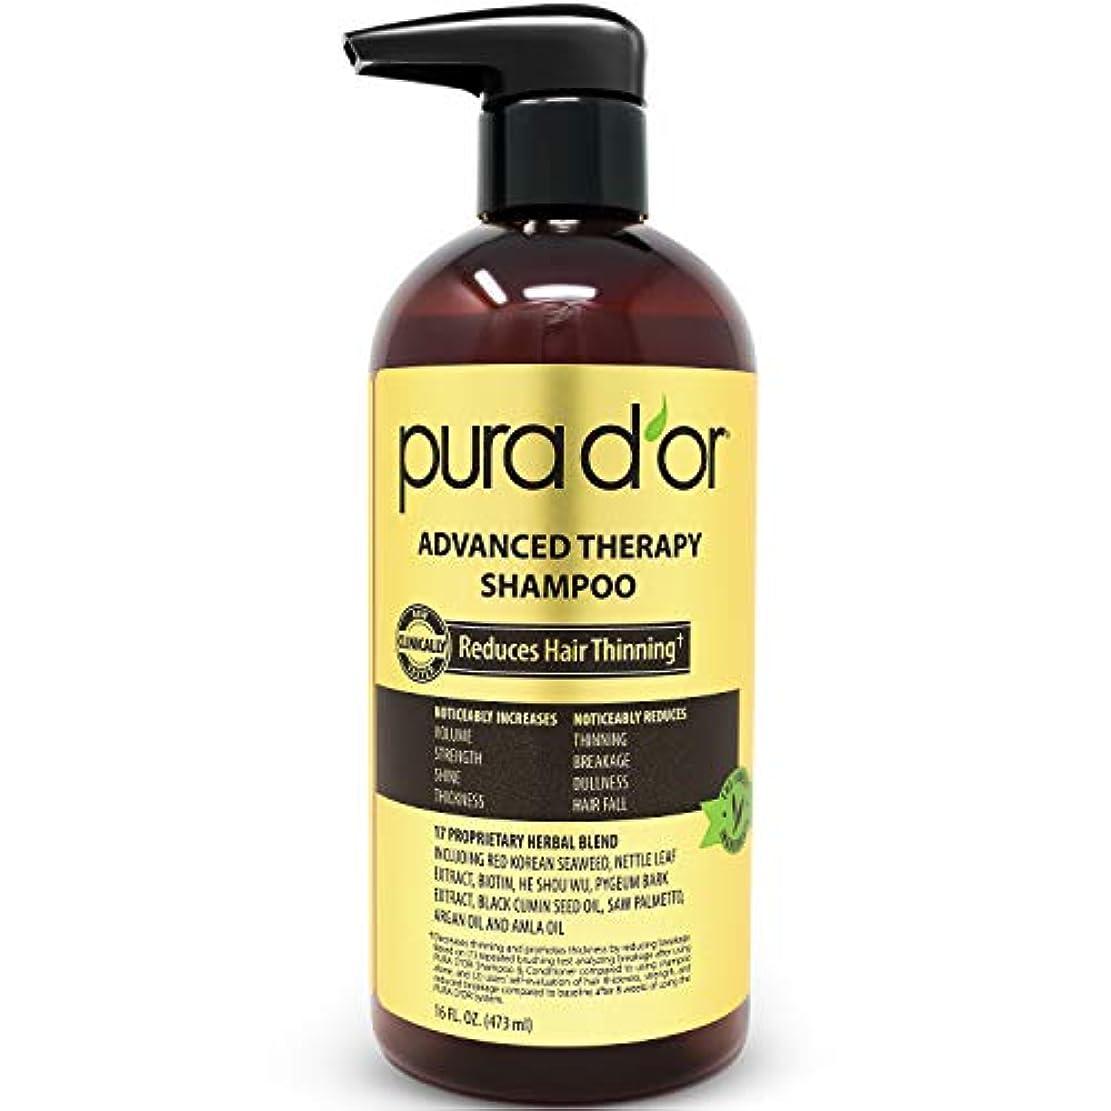 する必要がある正確な振動するPURA D'OR 高度セラピーシャンプー 薄毛を改善し、髪にボリュームを、硫酸塩フリー、アルガンオイル&アロエベラ&ビオチン配合、すべてのヘアタイプに、男性&女性、473ml(16液量オンス) 473ml(16 液量オンス)